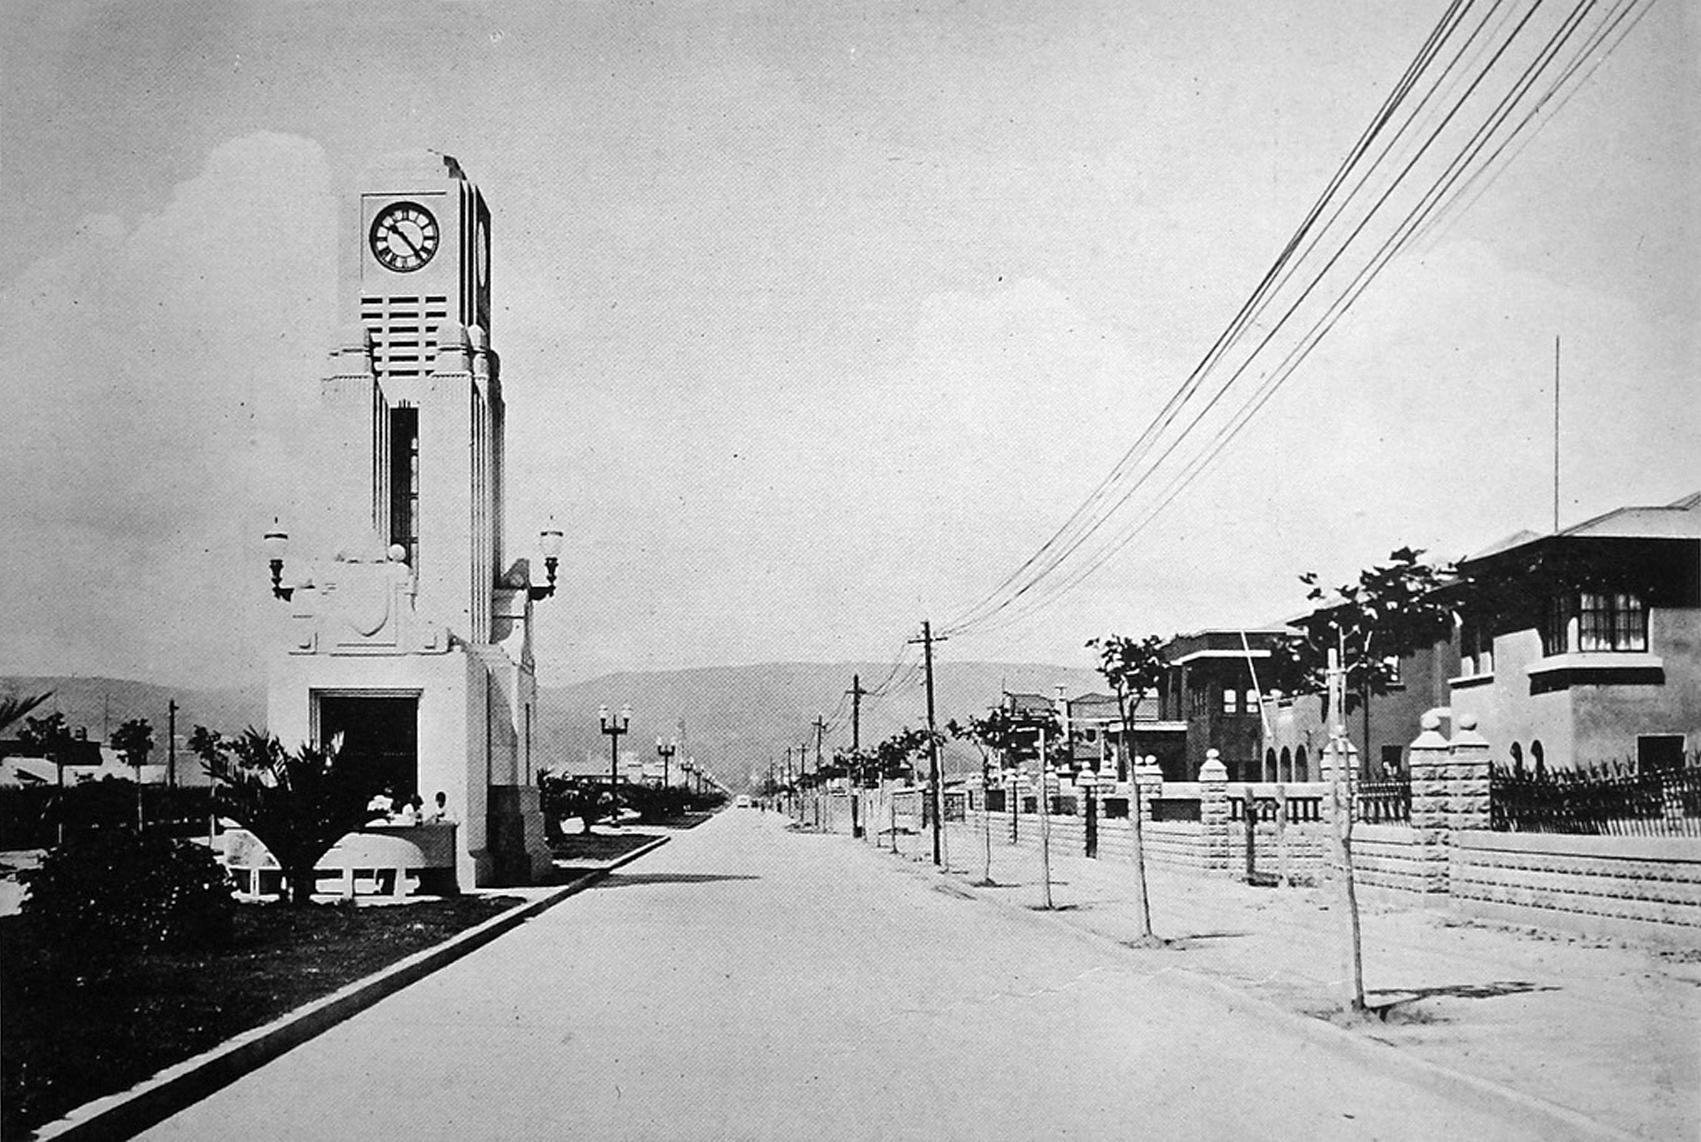 Enterreno - Fotos históricas de chile - fotos antiguas de Chile - Reloj Simpson de Viña del Mar en 1931